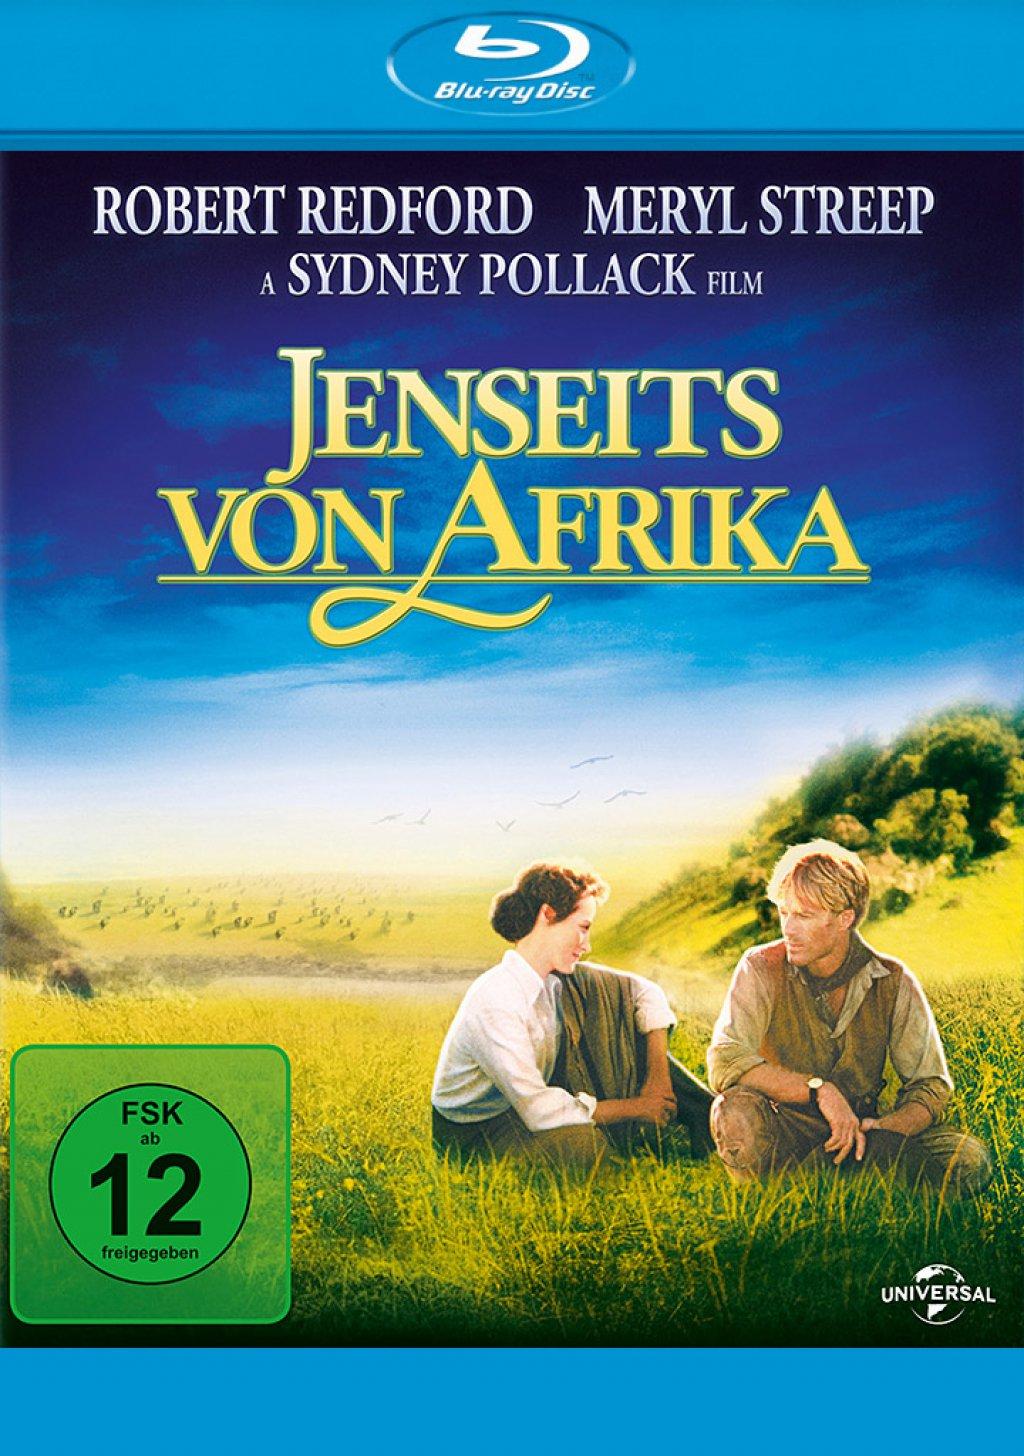 Jenseits von Afrika (Blu-ray)